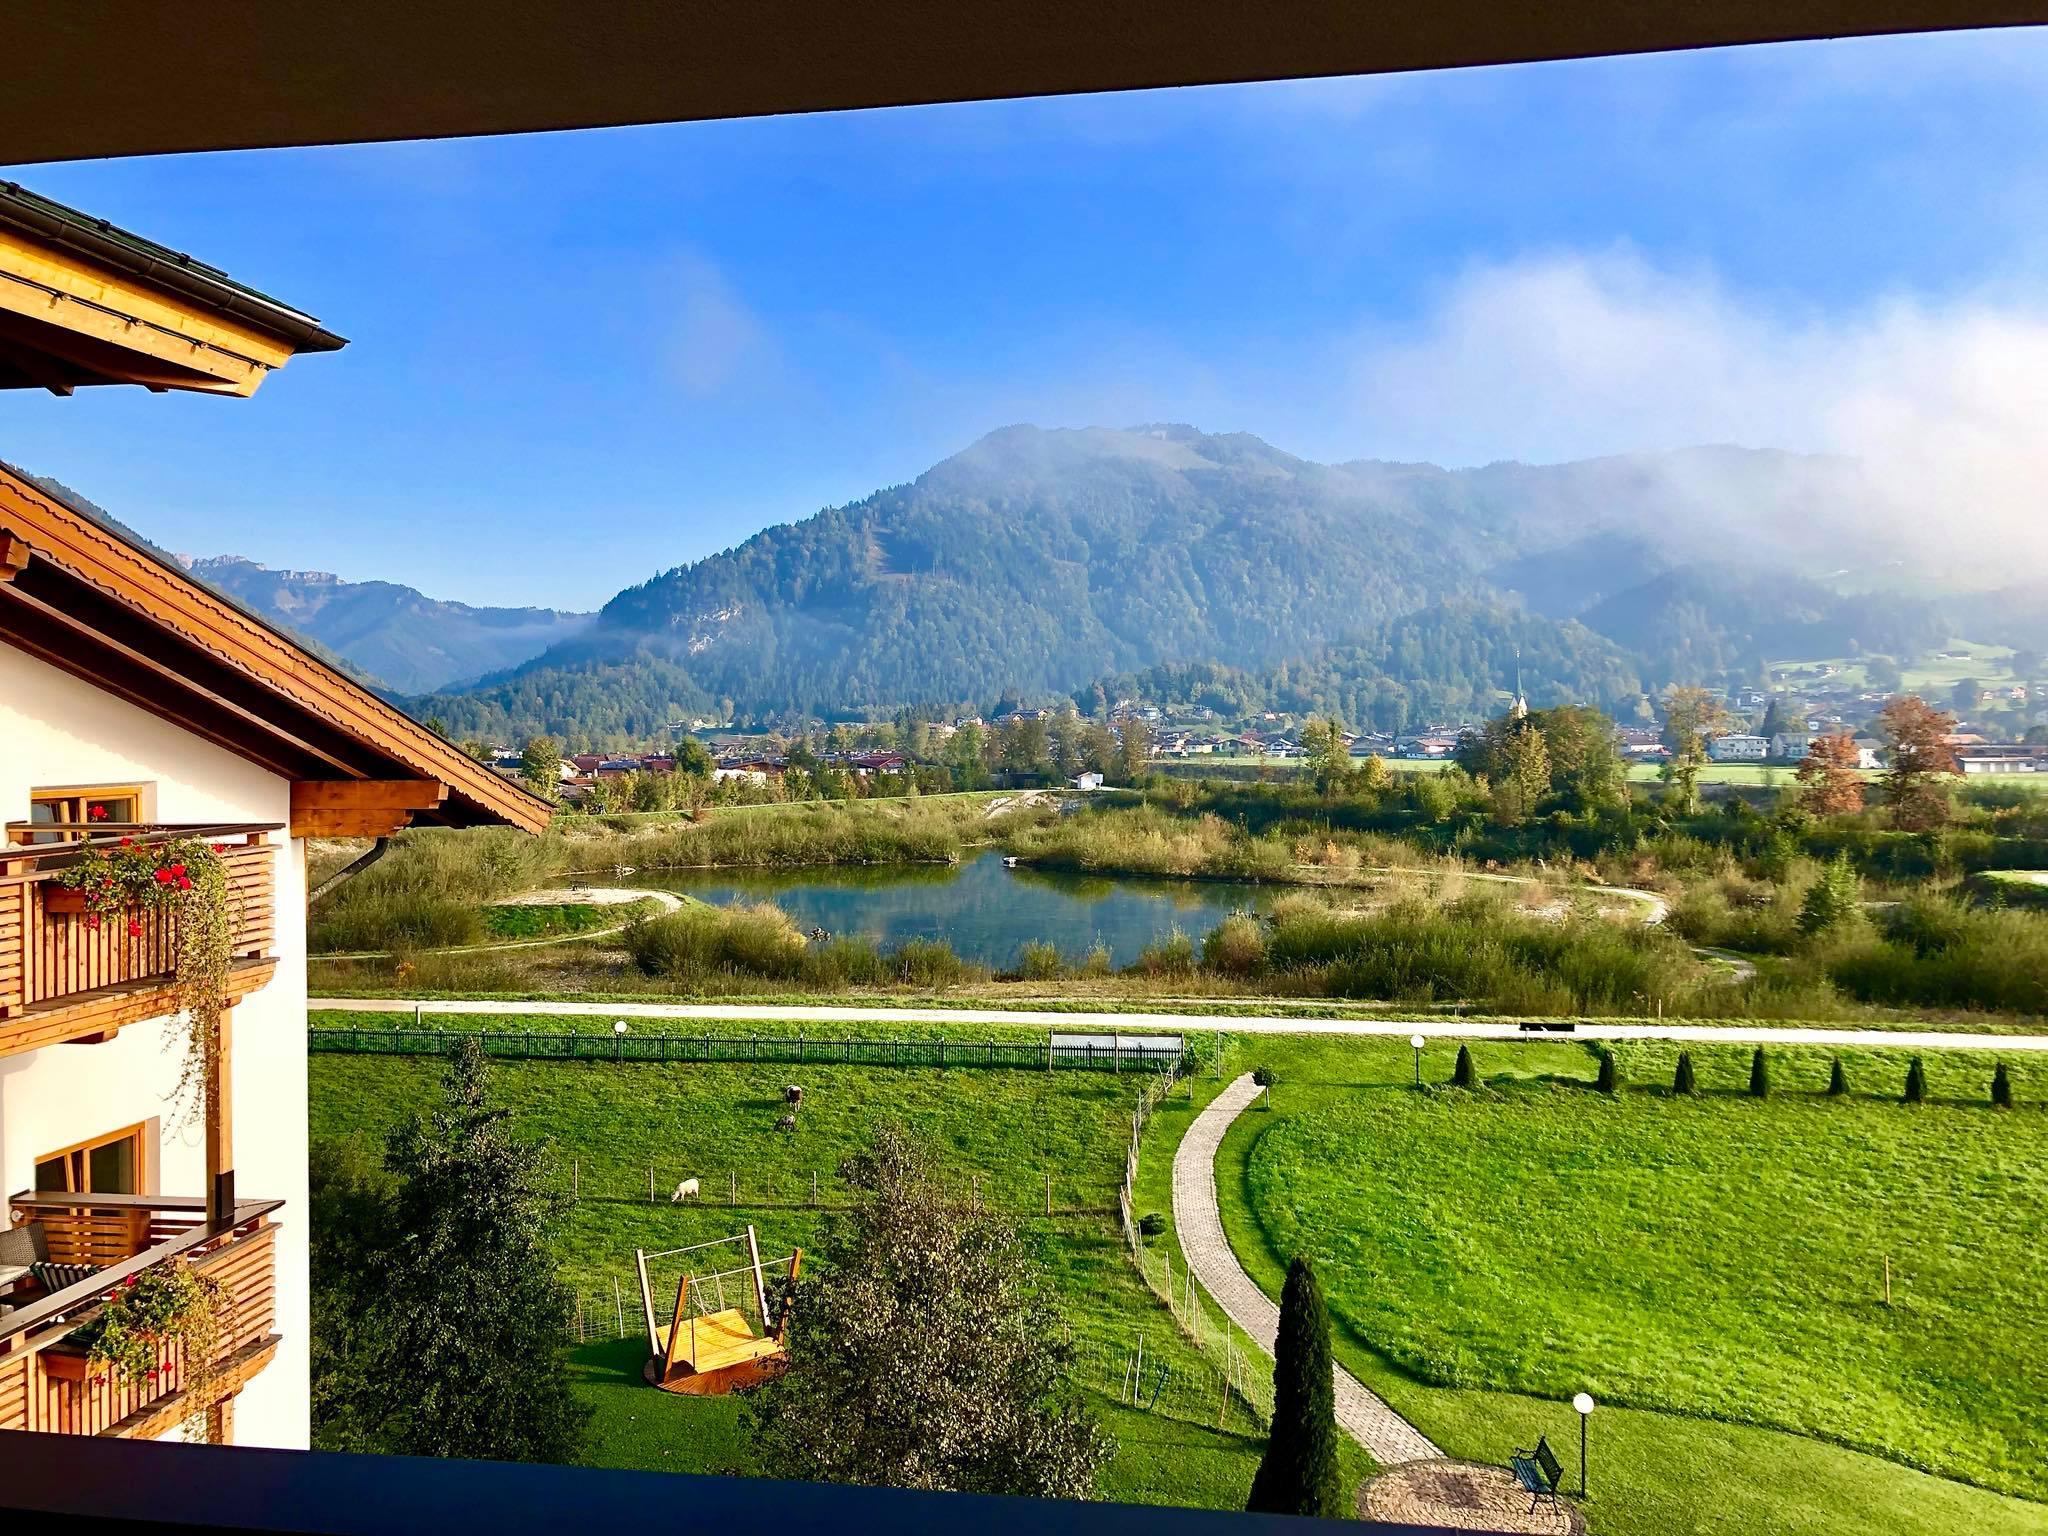 Aussicht aus einem Zimmer auf das Naturschutzgebiet hinter dem Hotel Waidachhof